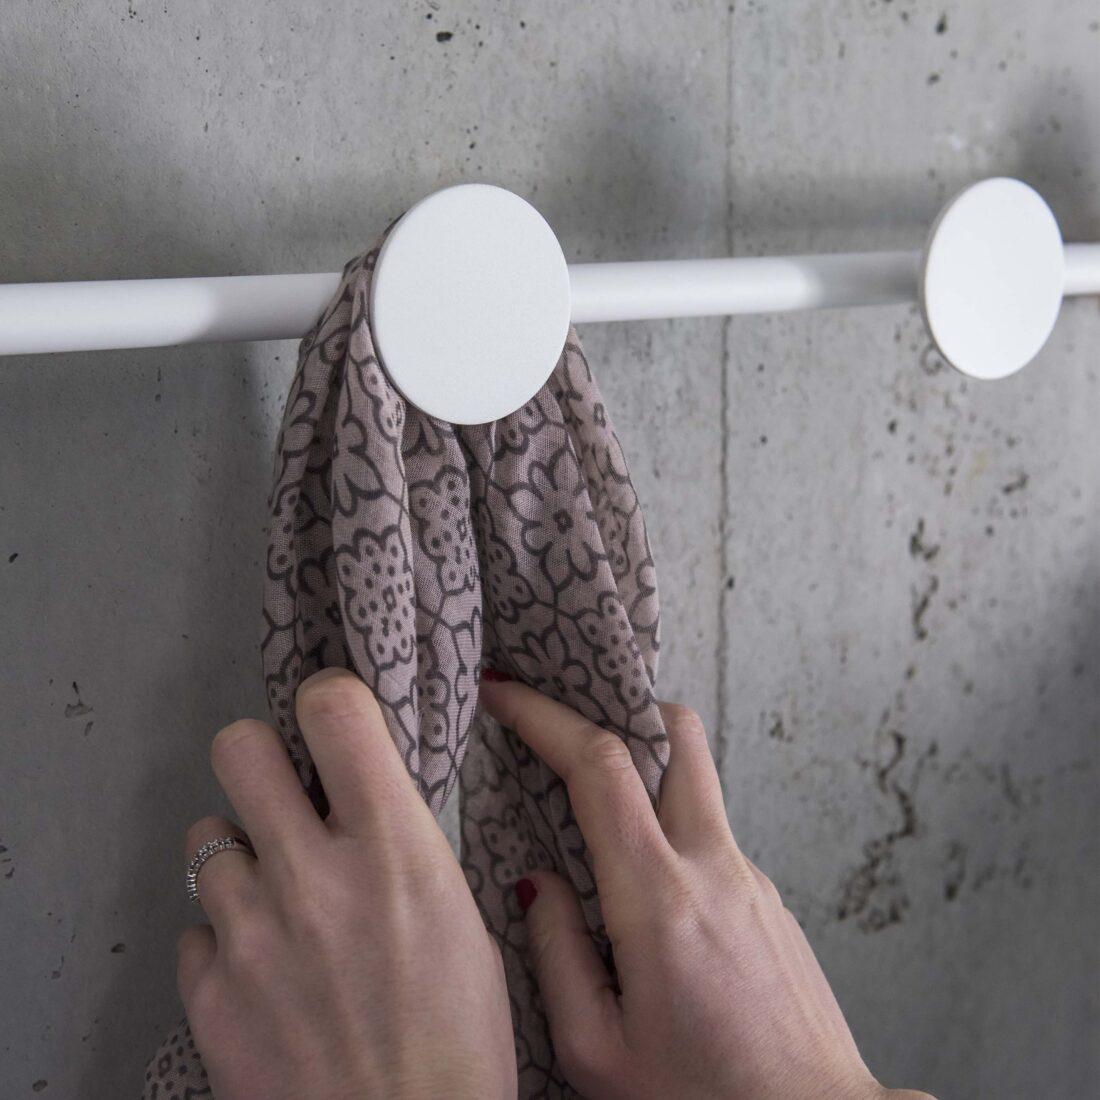 HAN LED light and hanger